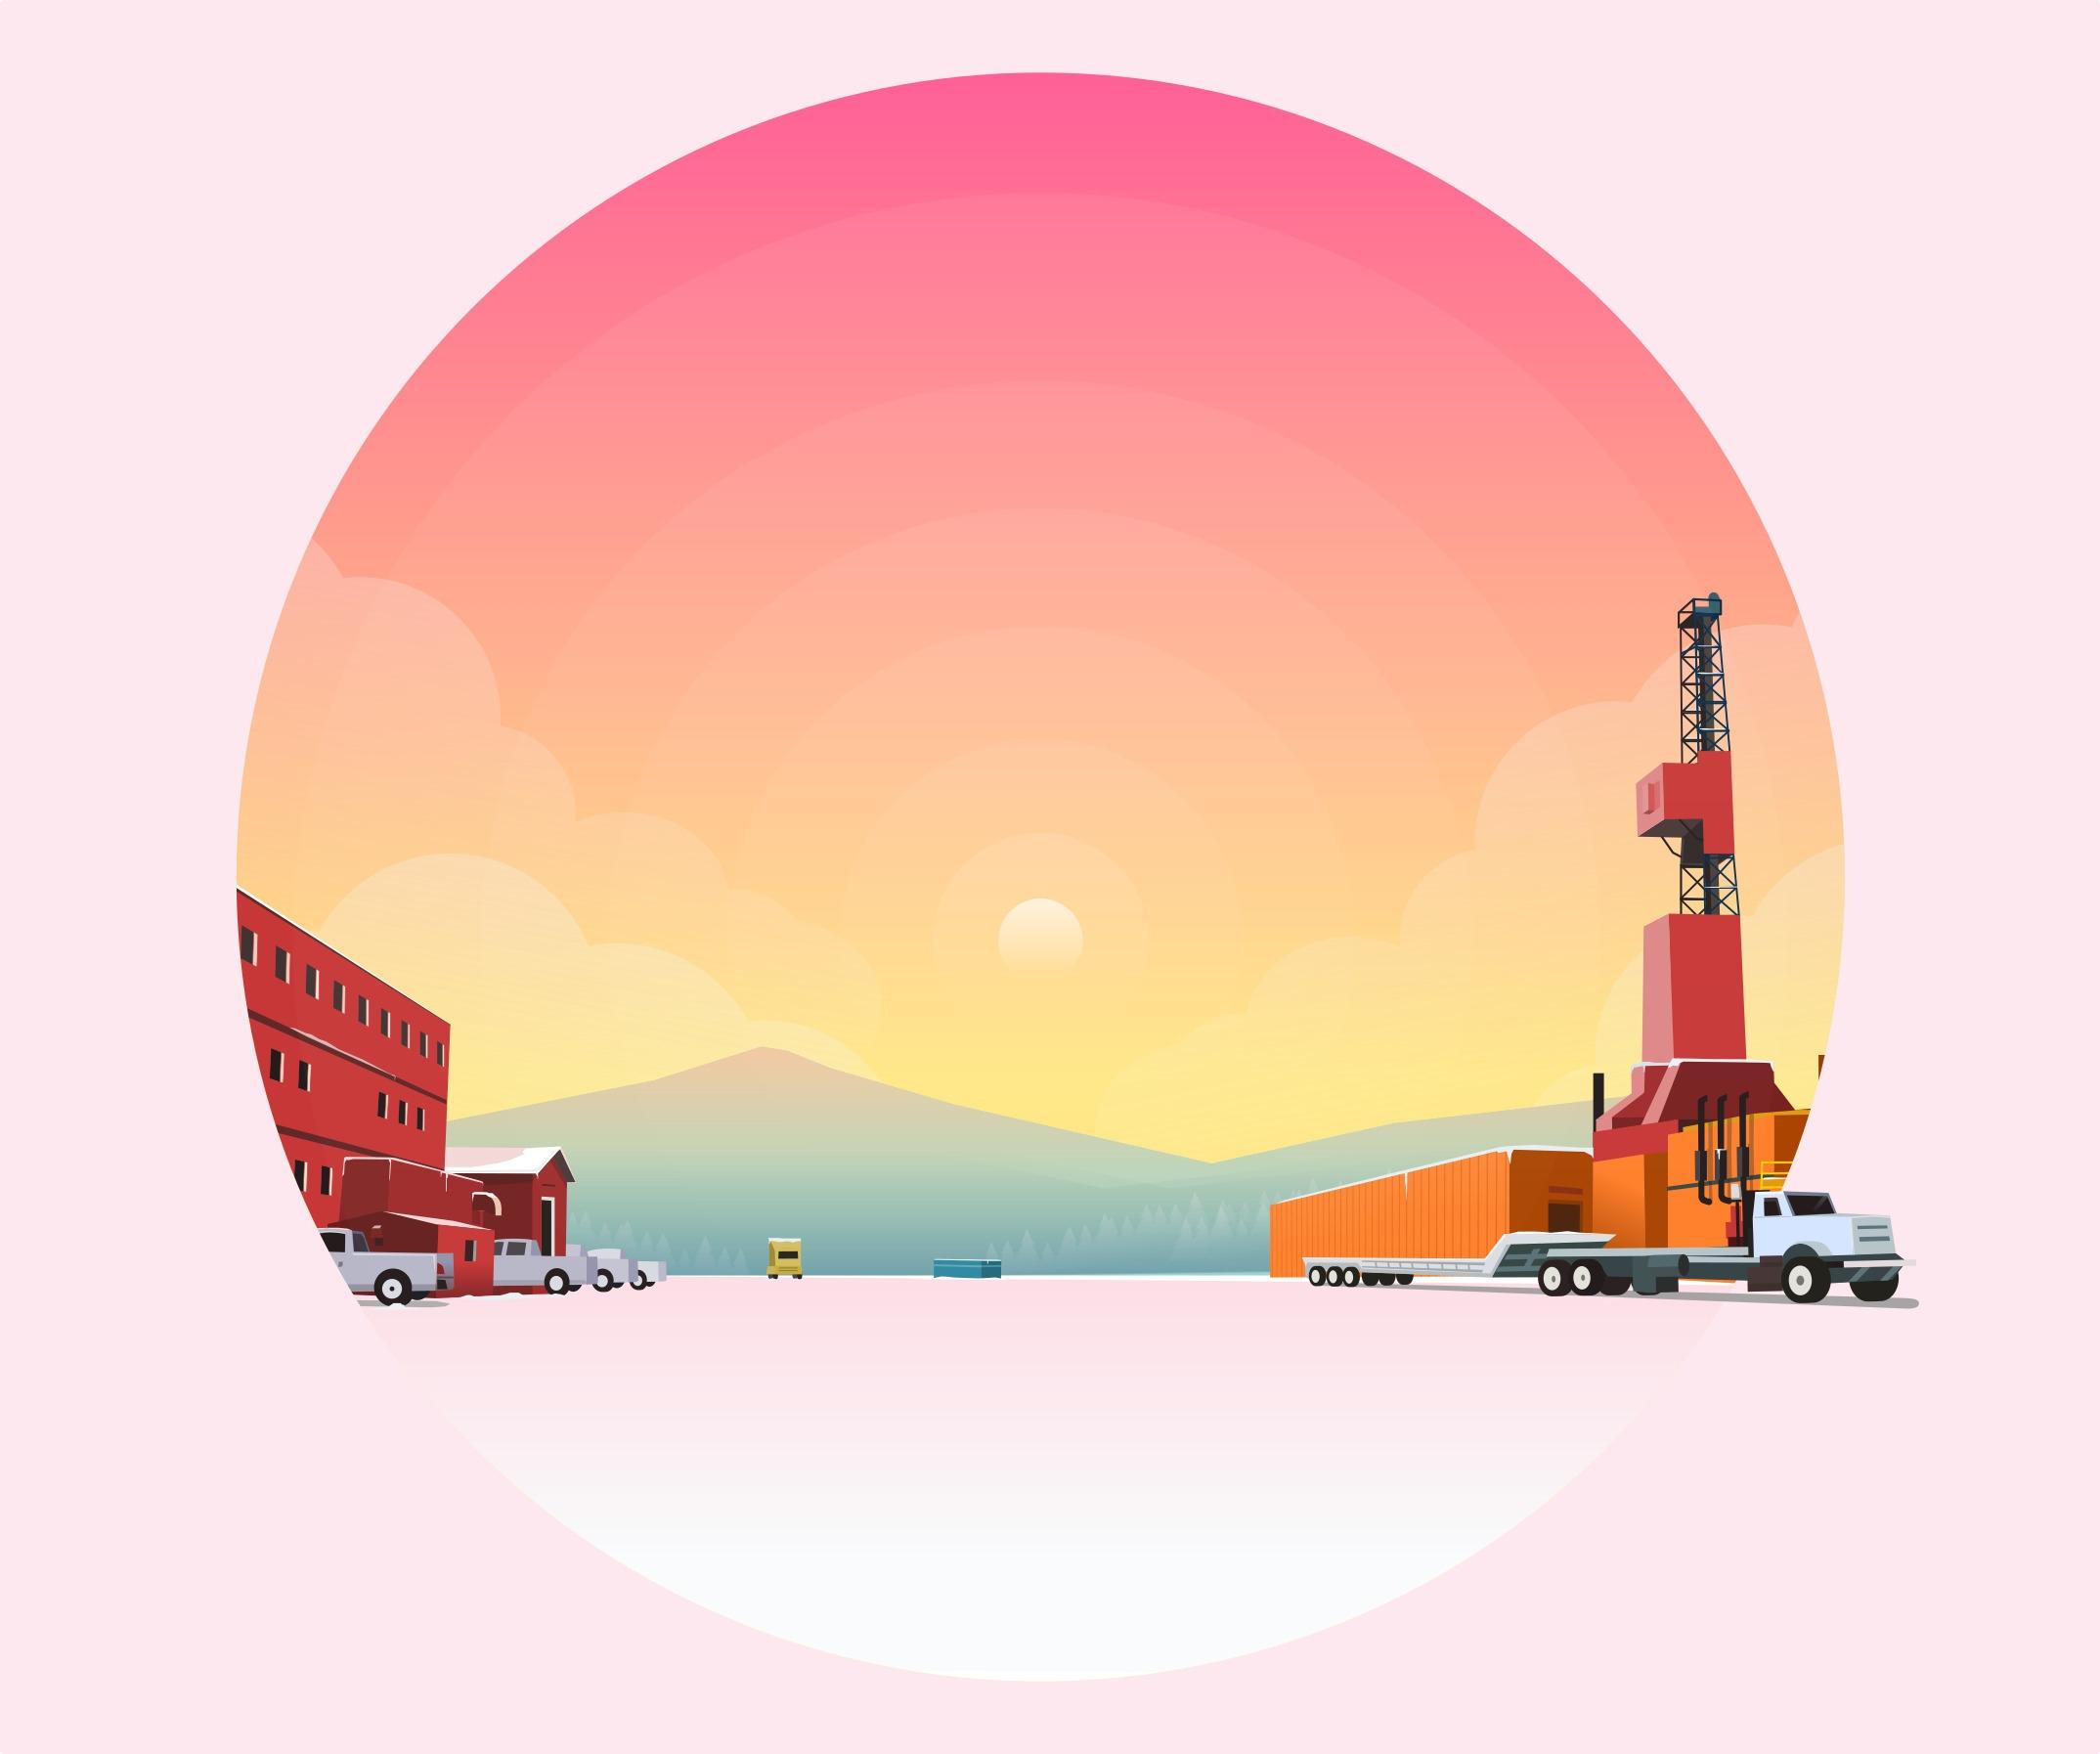 pinky winter - vectorgraphics, landscape - ozant291 | ello